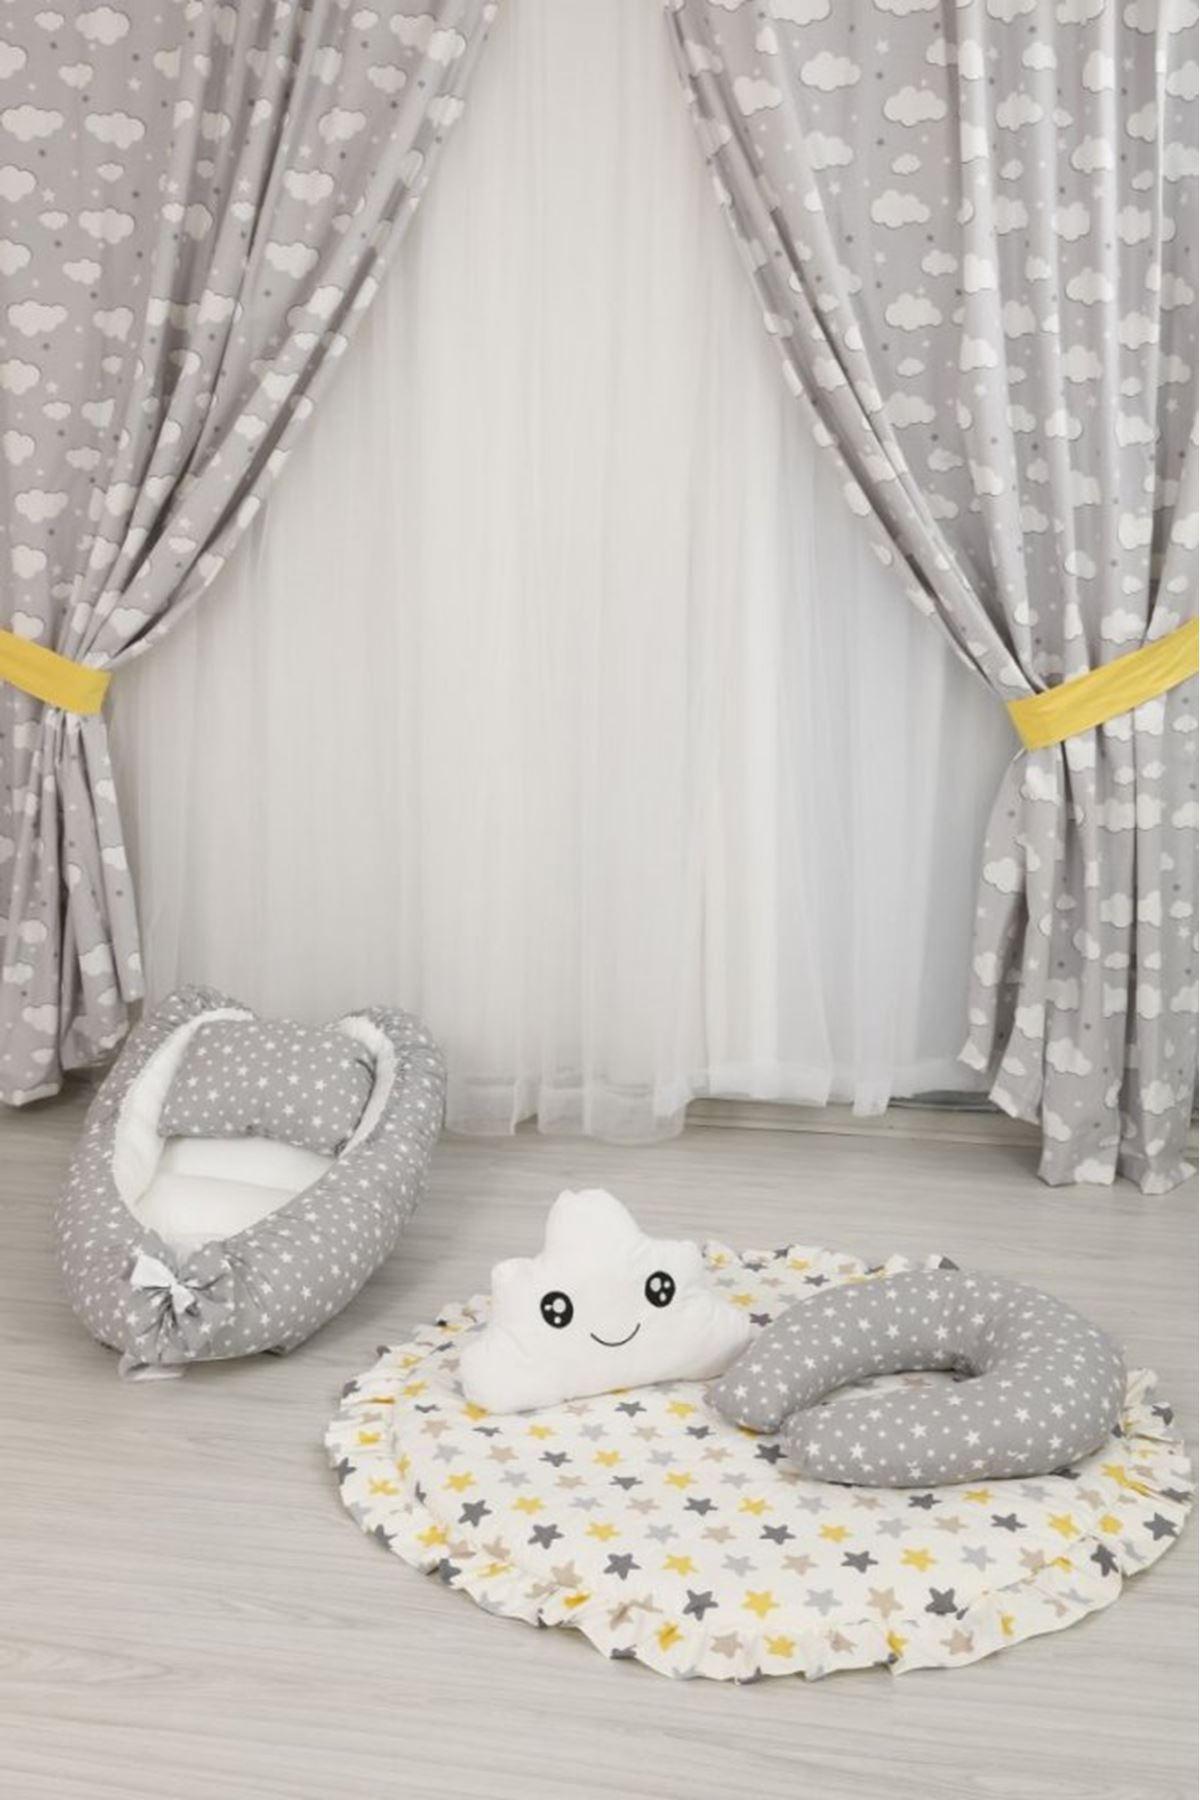 Sarı Yıldızlı Bebek  Oyun Halısı Takımı